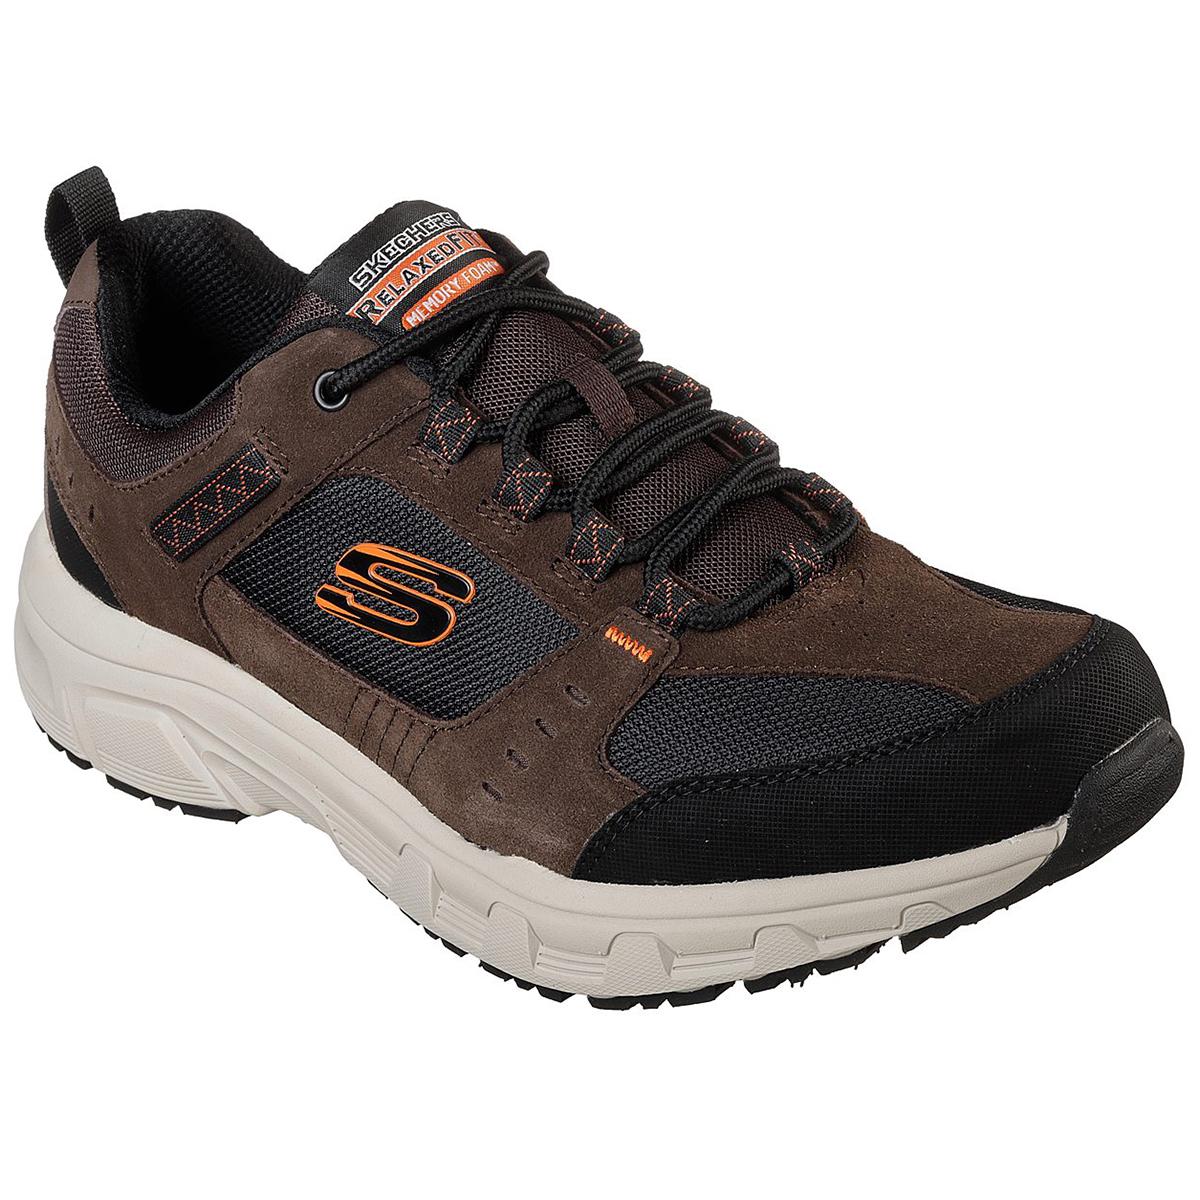 Skechers Men's Oak Canyon Low-Top Outdoor Sneakers - Brown, 8